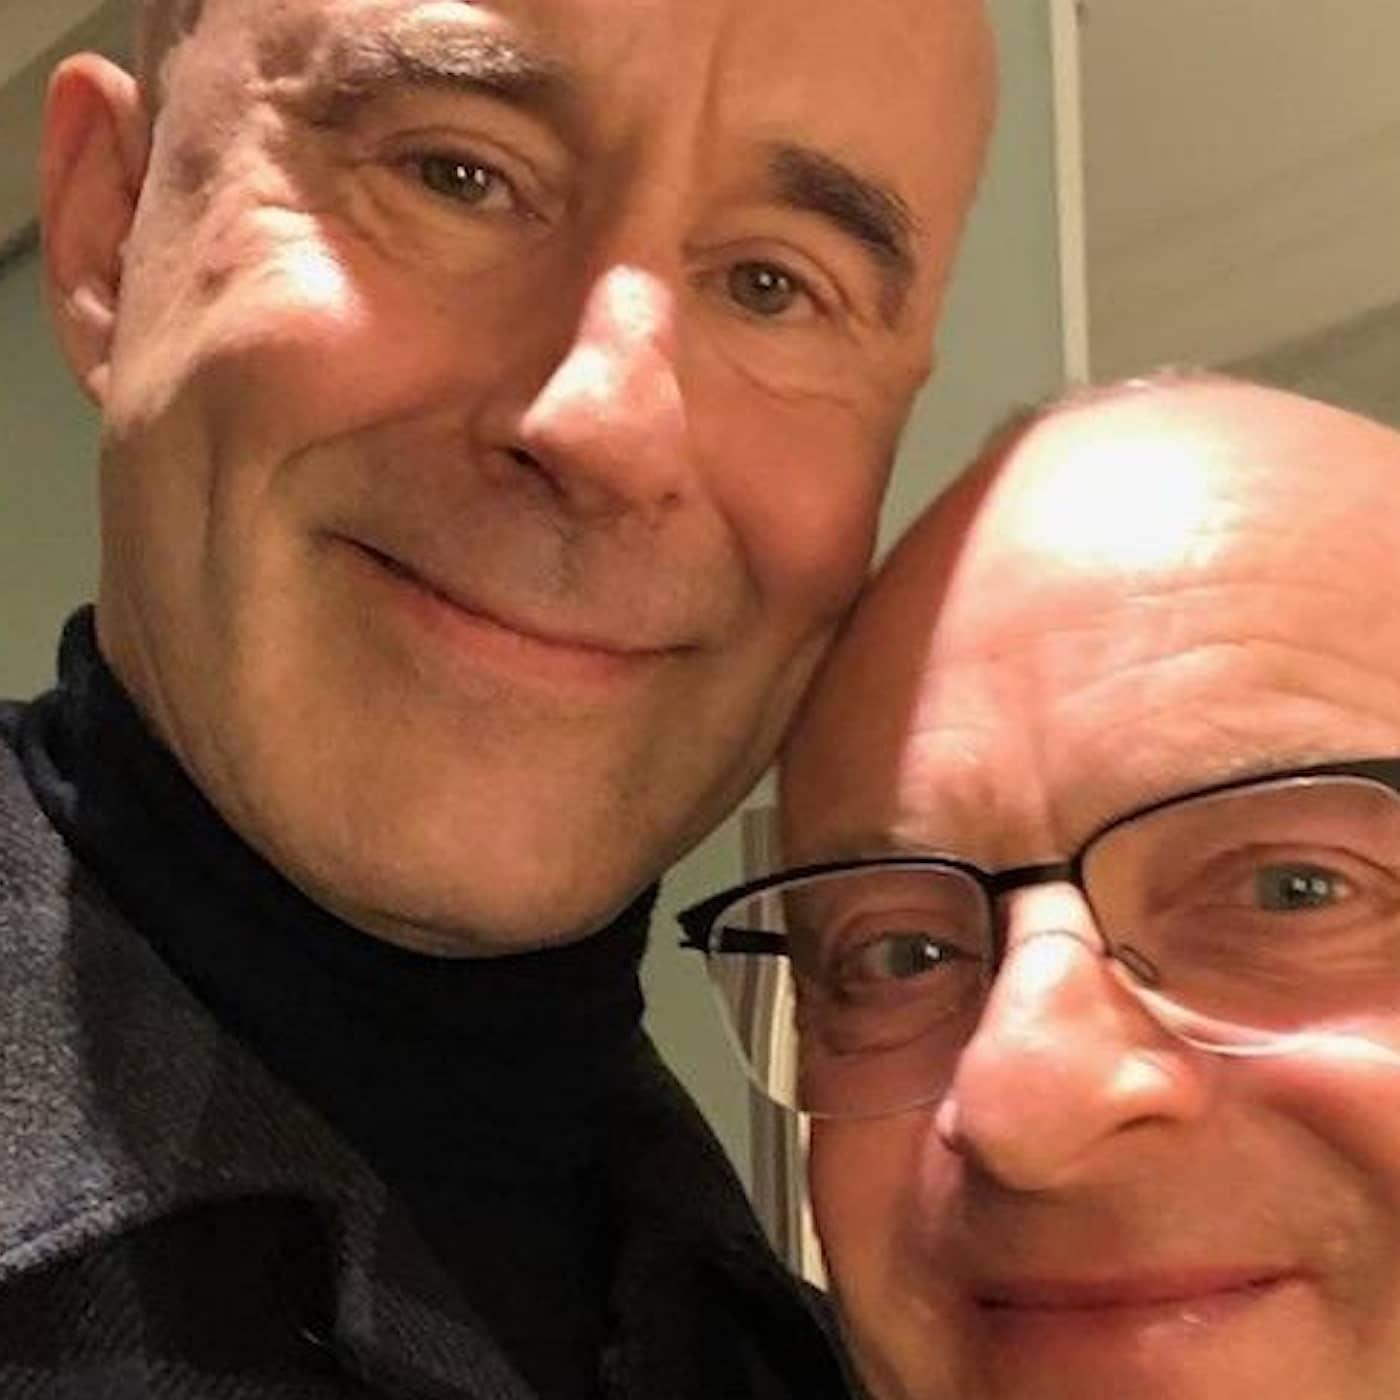 Mark och Jonas: Man blir aldrig riktigt härdad